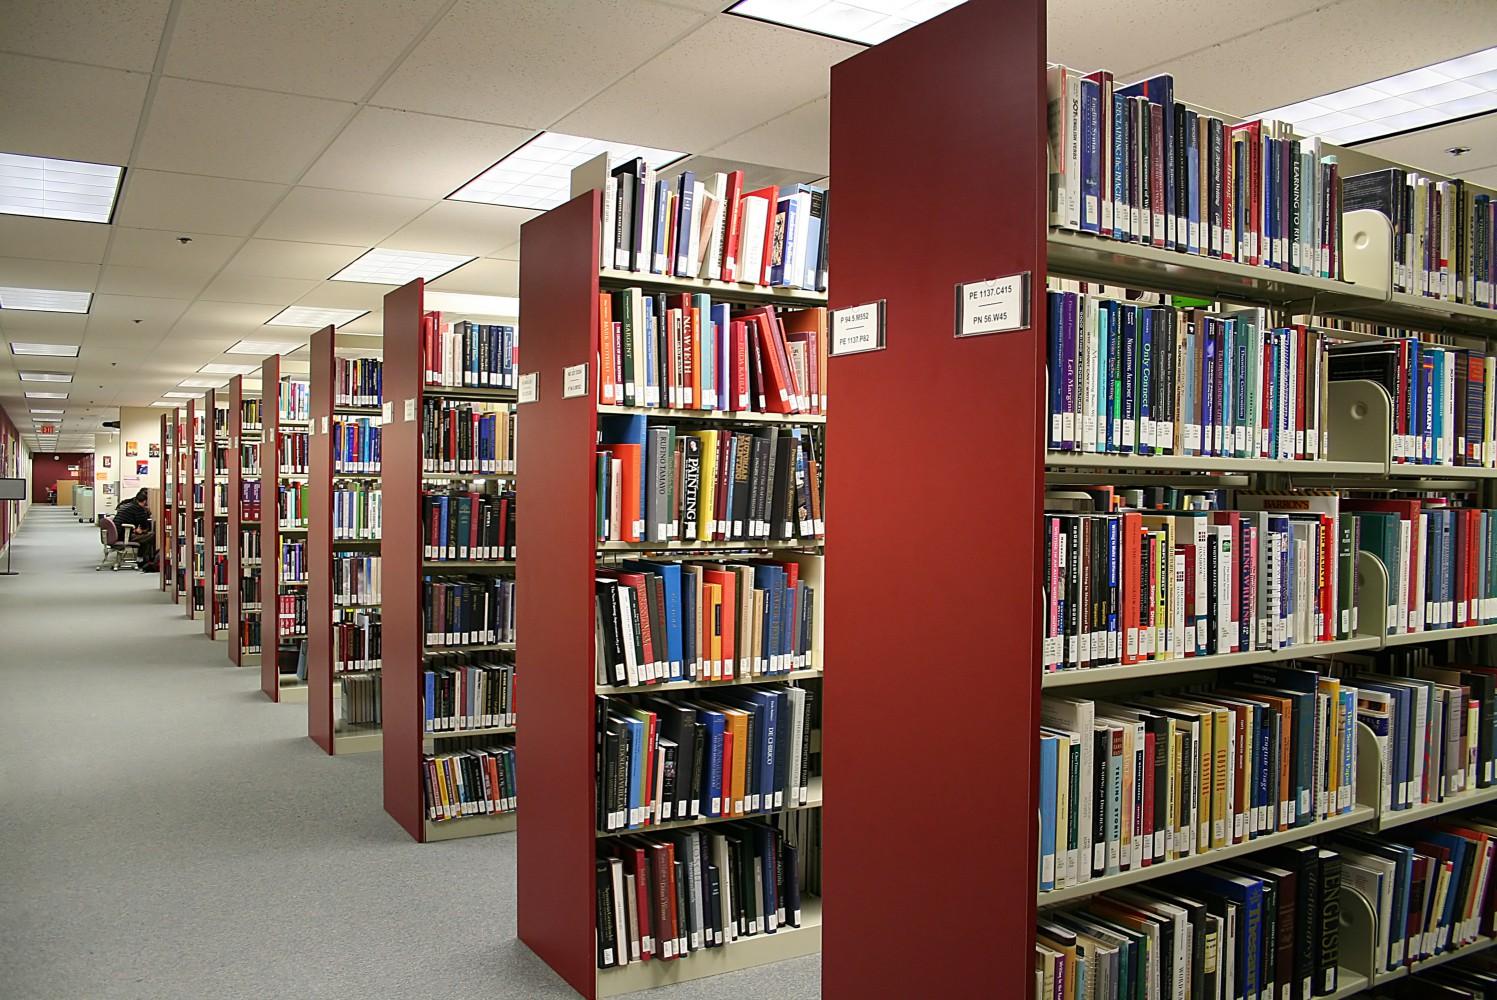 Bibliotheek leestips ontdek de mogelijkheden van de bibliotheek - Idee bibliotheek ...